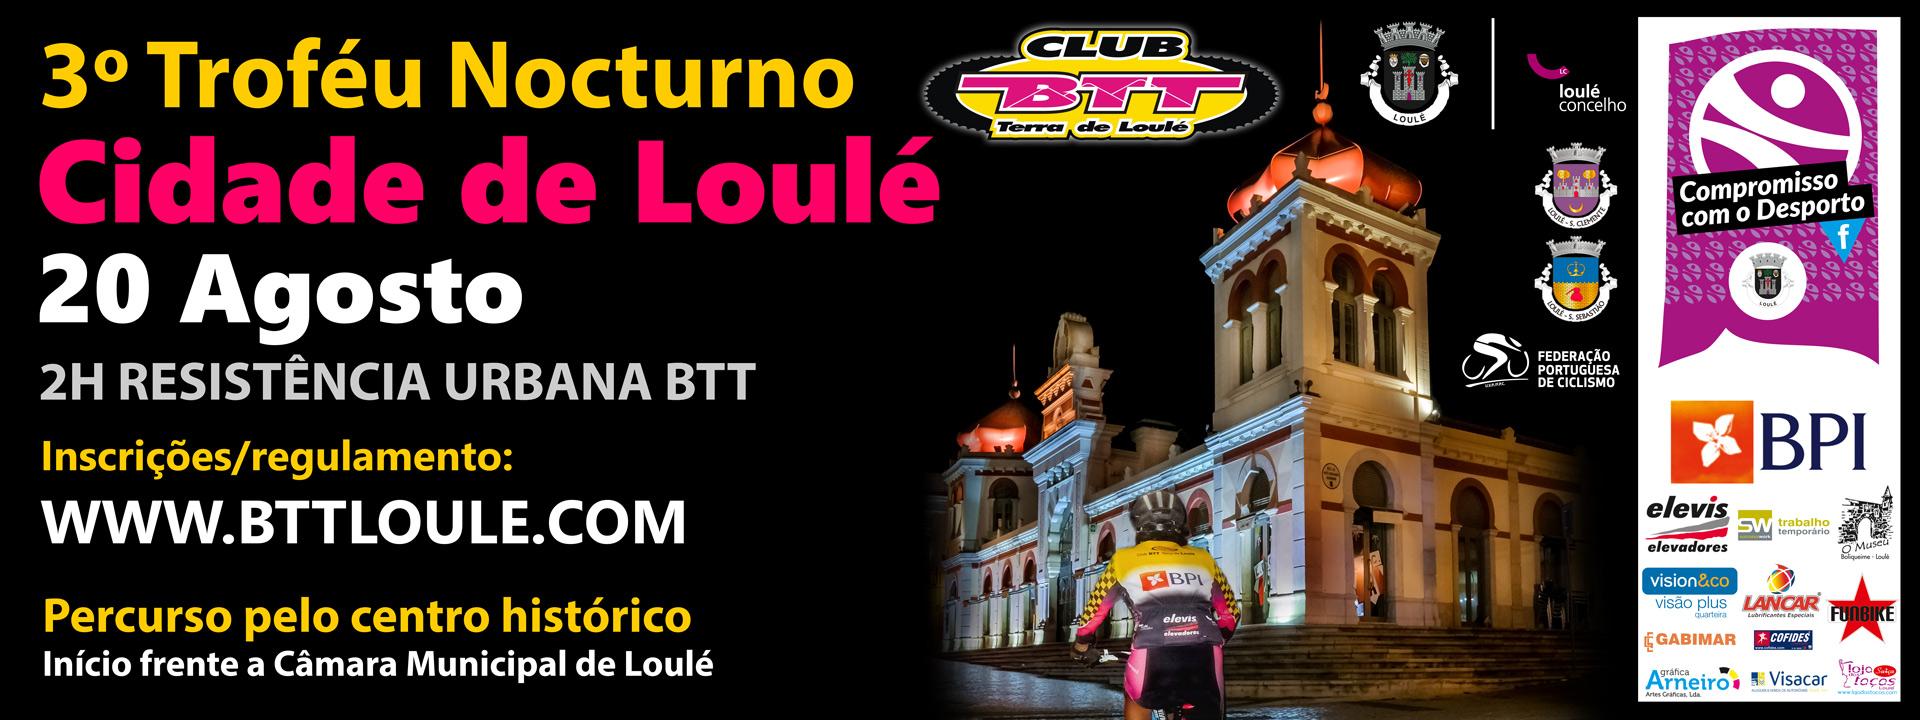 3º Troféu Nocturno Cidade de Loulé - 20 Agosto 2016